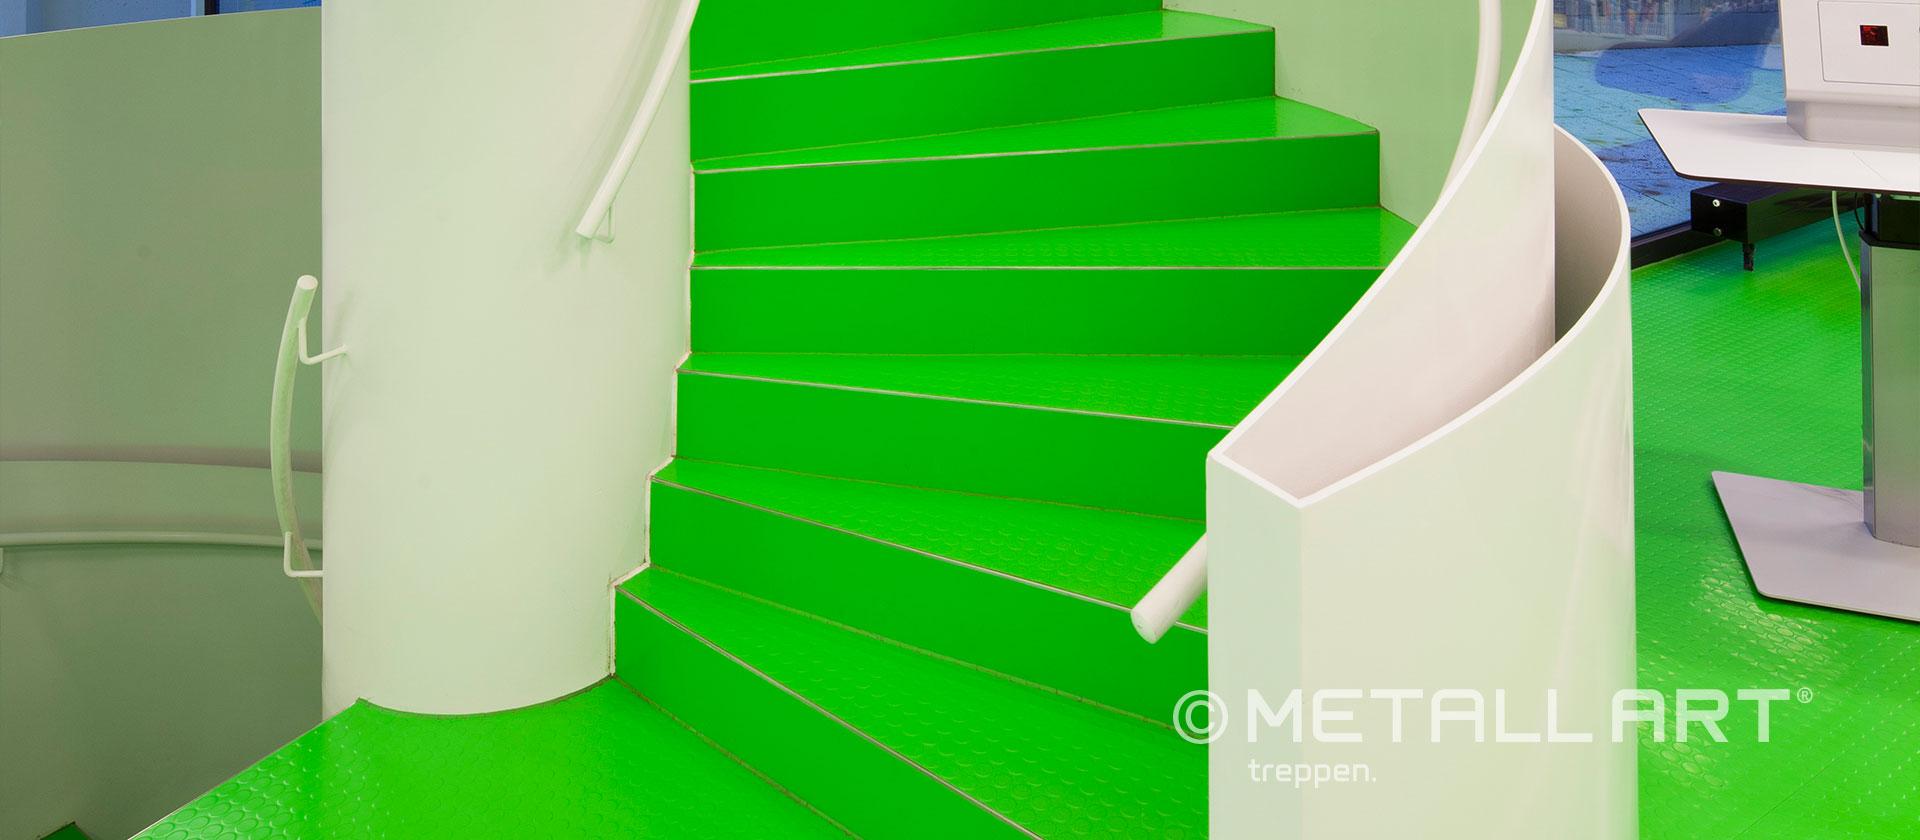 Spindeltreppe mit grünen Stufen